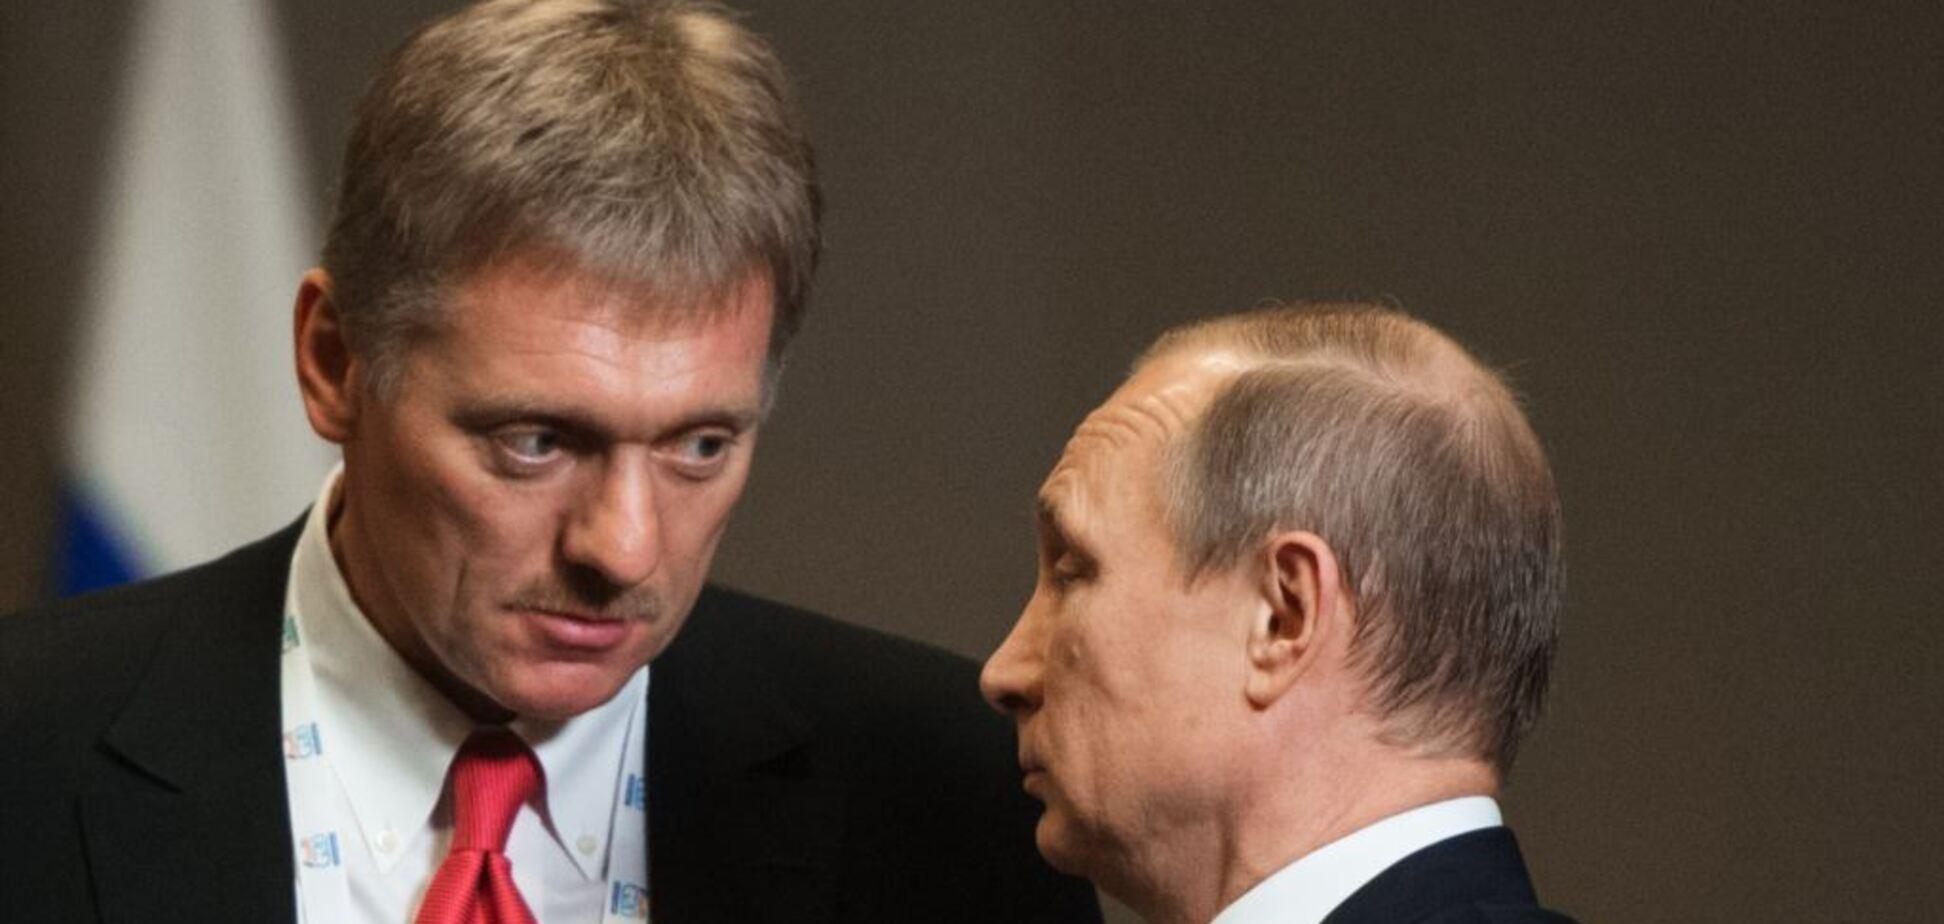 Владимир Путин и Дмитрий Песков. Источник: 112 канал